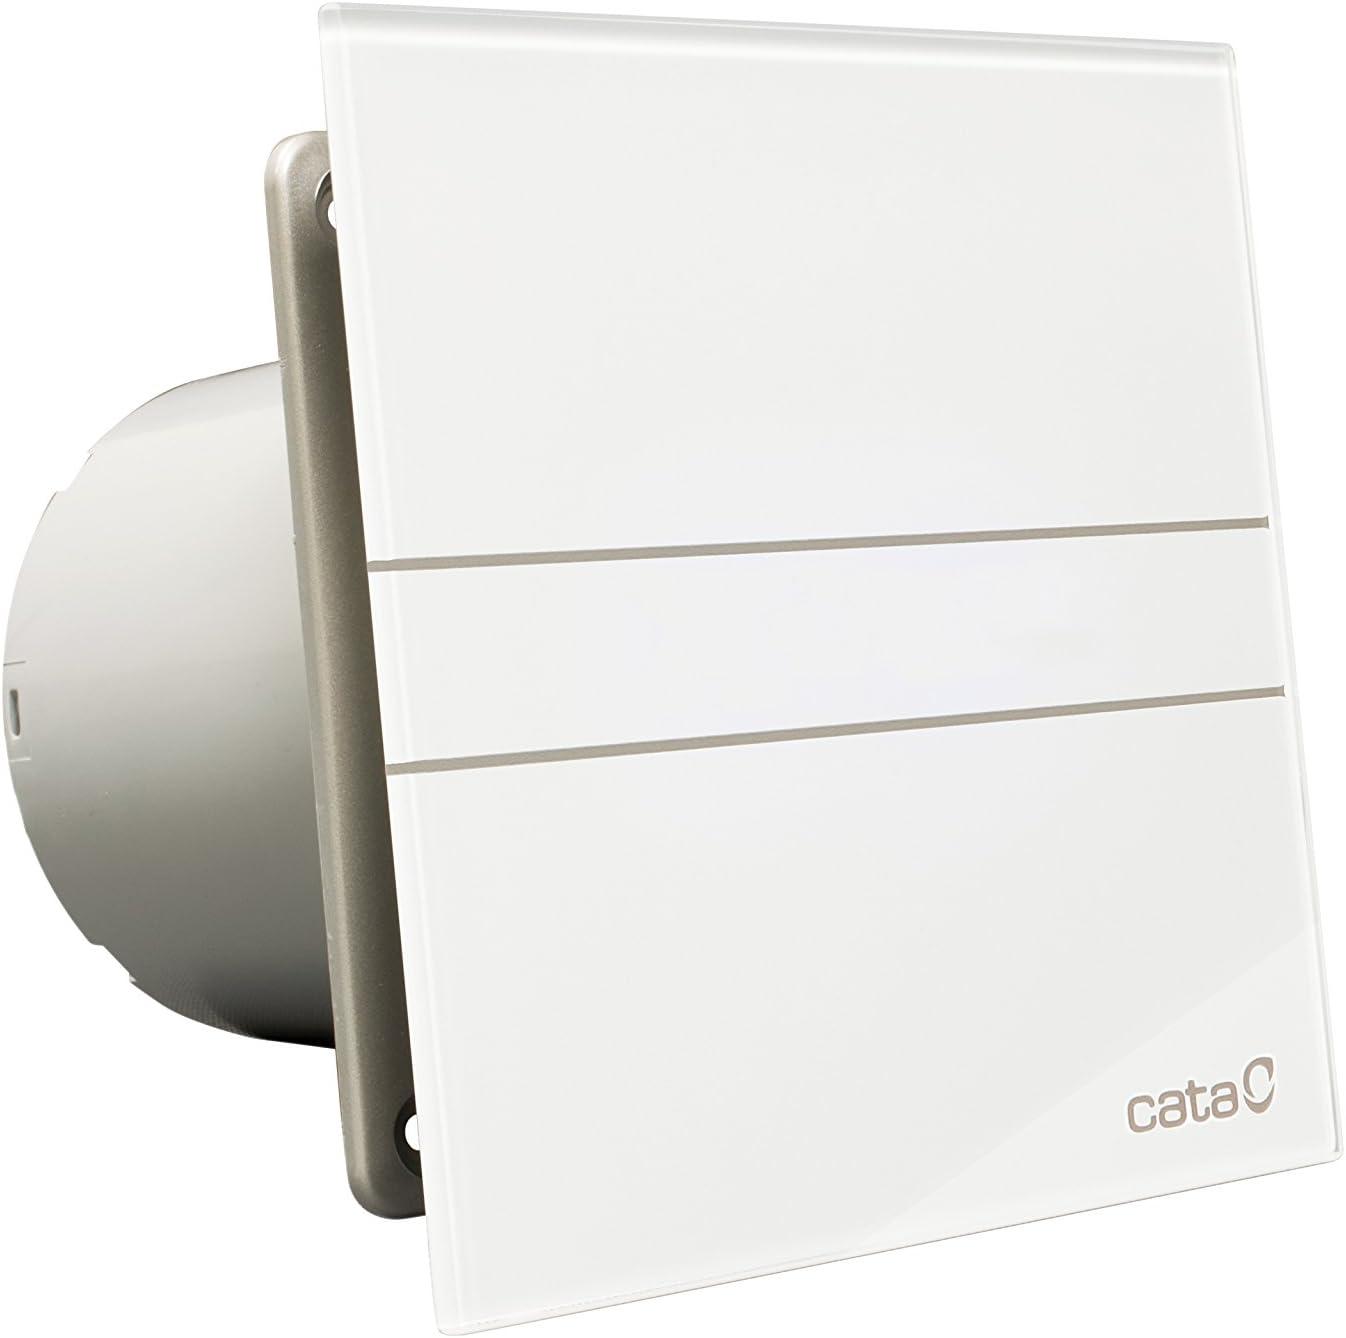 Cata | Extractor baño | Modelo e-150 G | Estractor de baño Serie e Glass | Ventilador Extractores de aire | Extractor baño silencioso | Extractor aire para baño | color blanco | 6 unidades